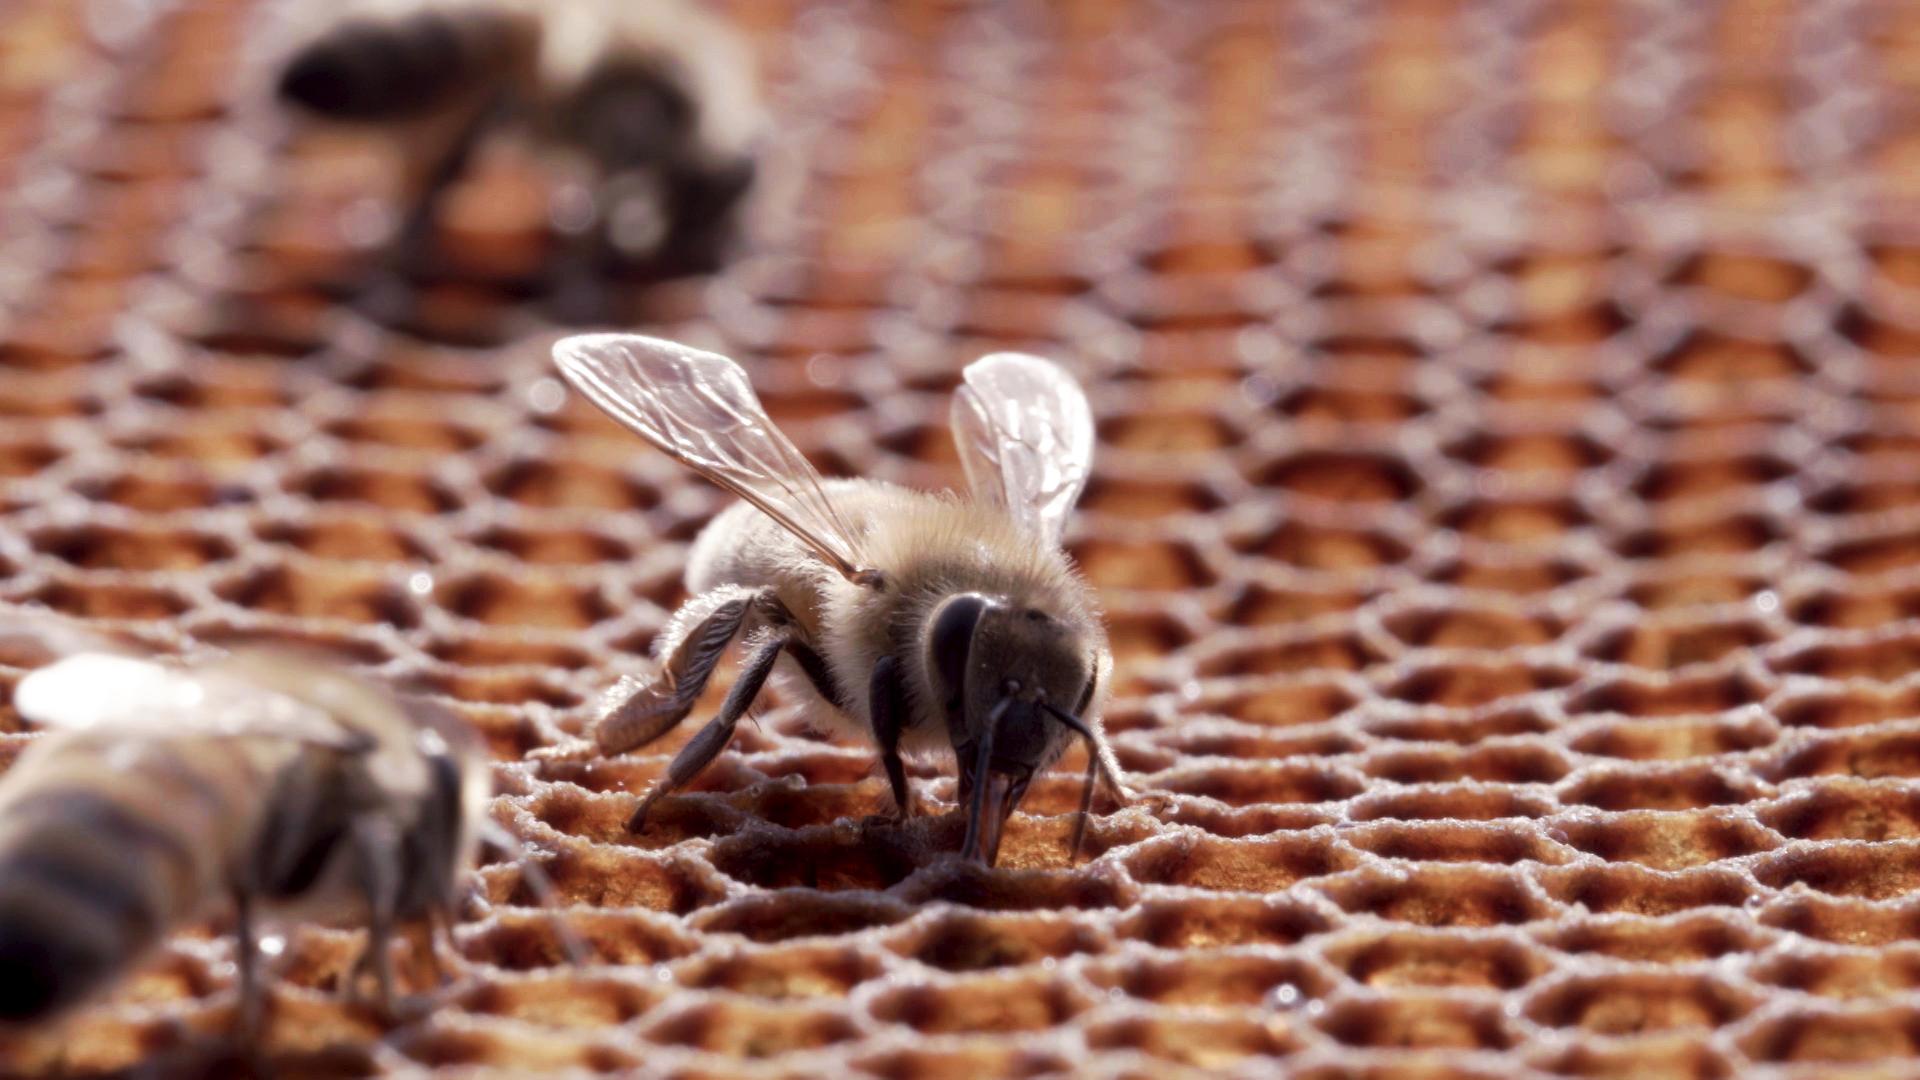 기후의 반격 1부 - 꿀벌